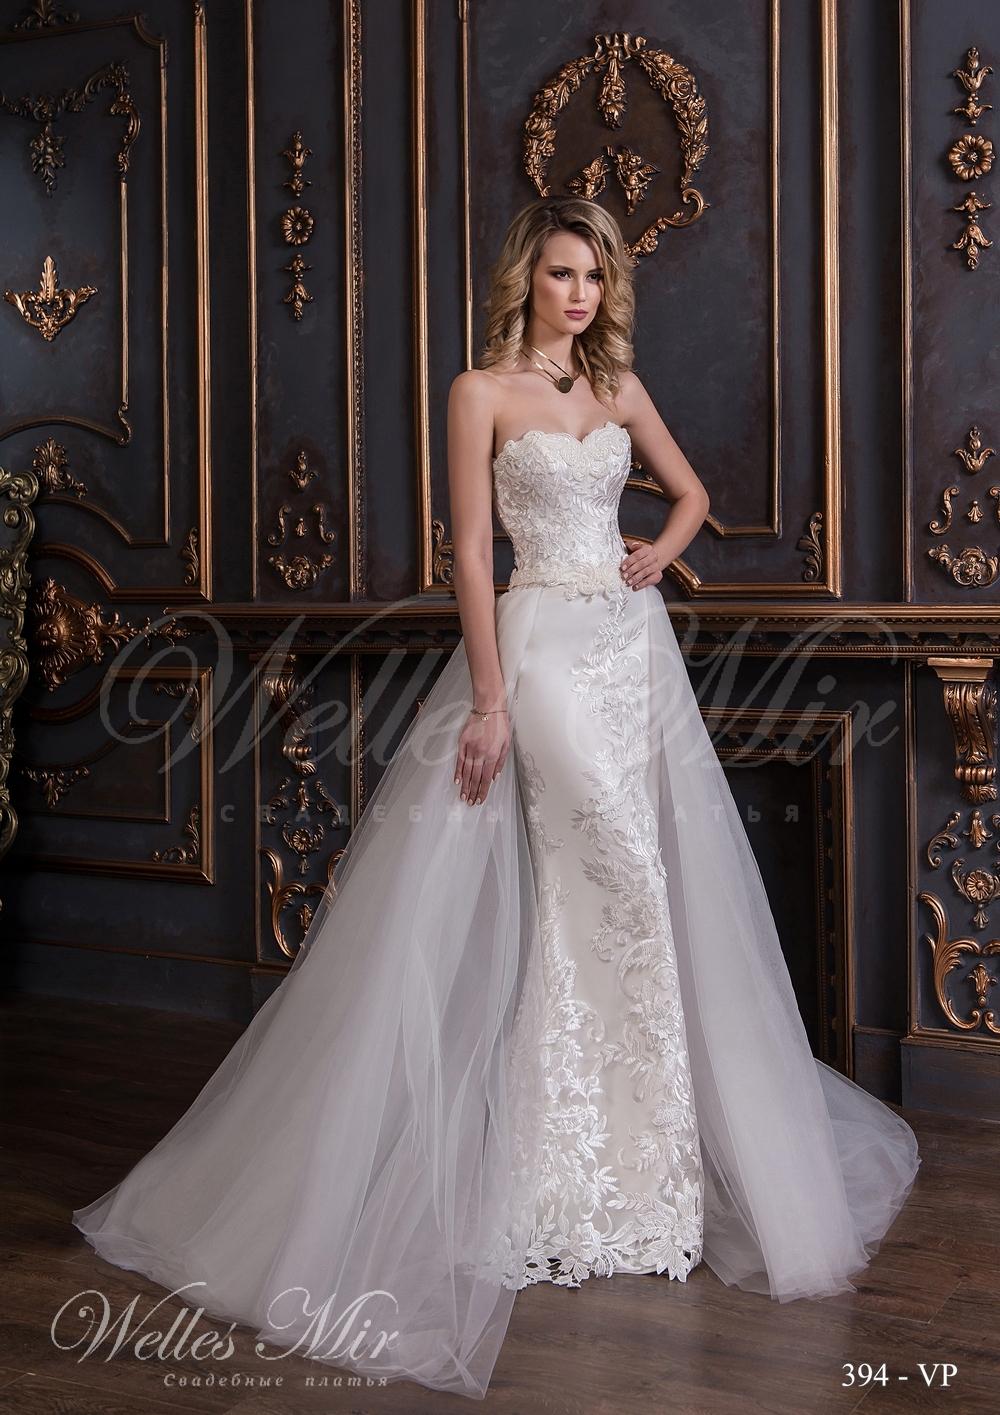 ce564ff114456e Весільні сукні трансформери: два образи в одному вбранні